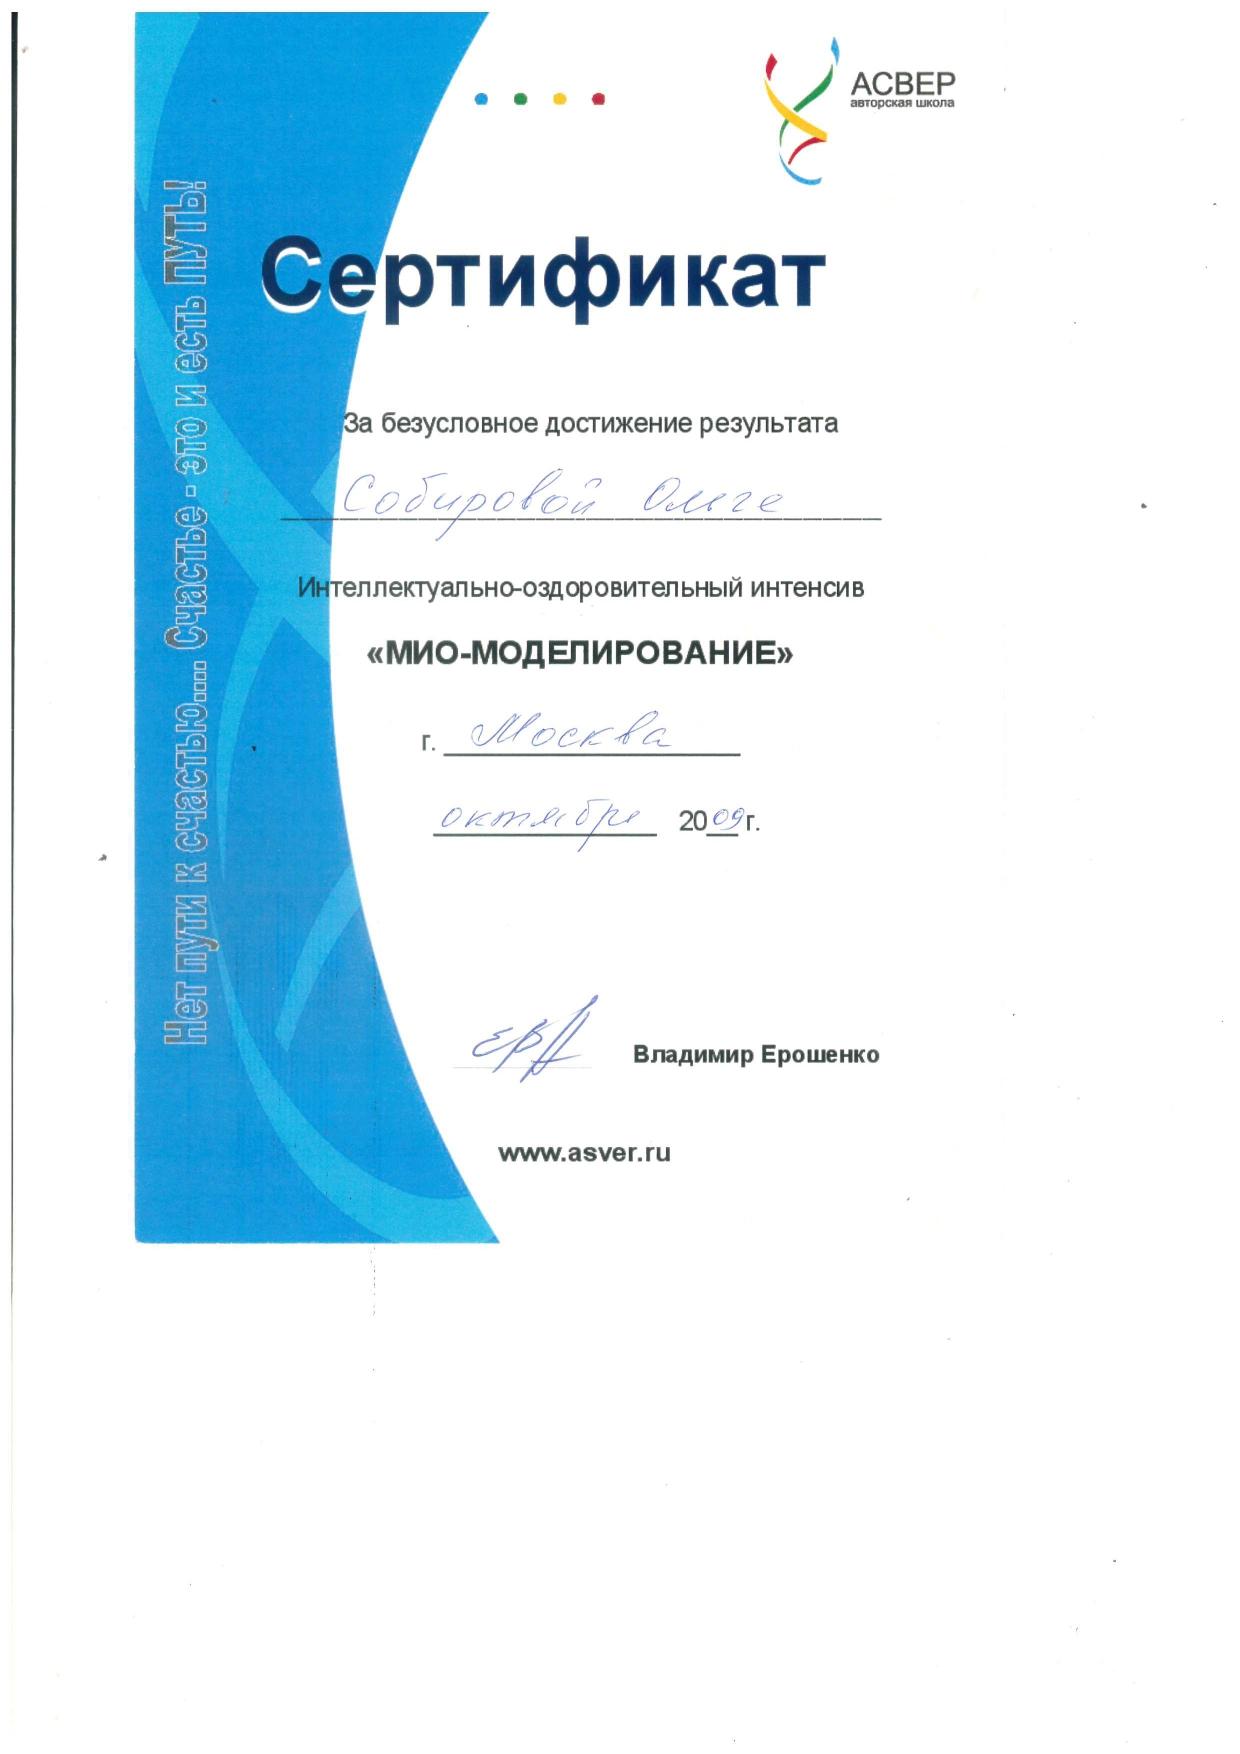 2009 Сертификат Мио-моделирование